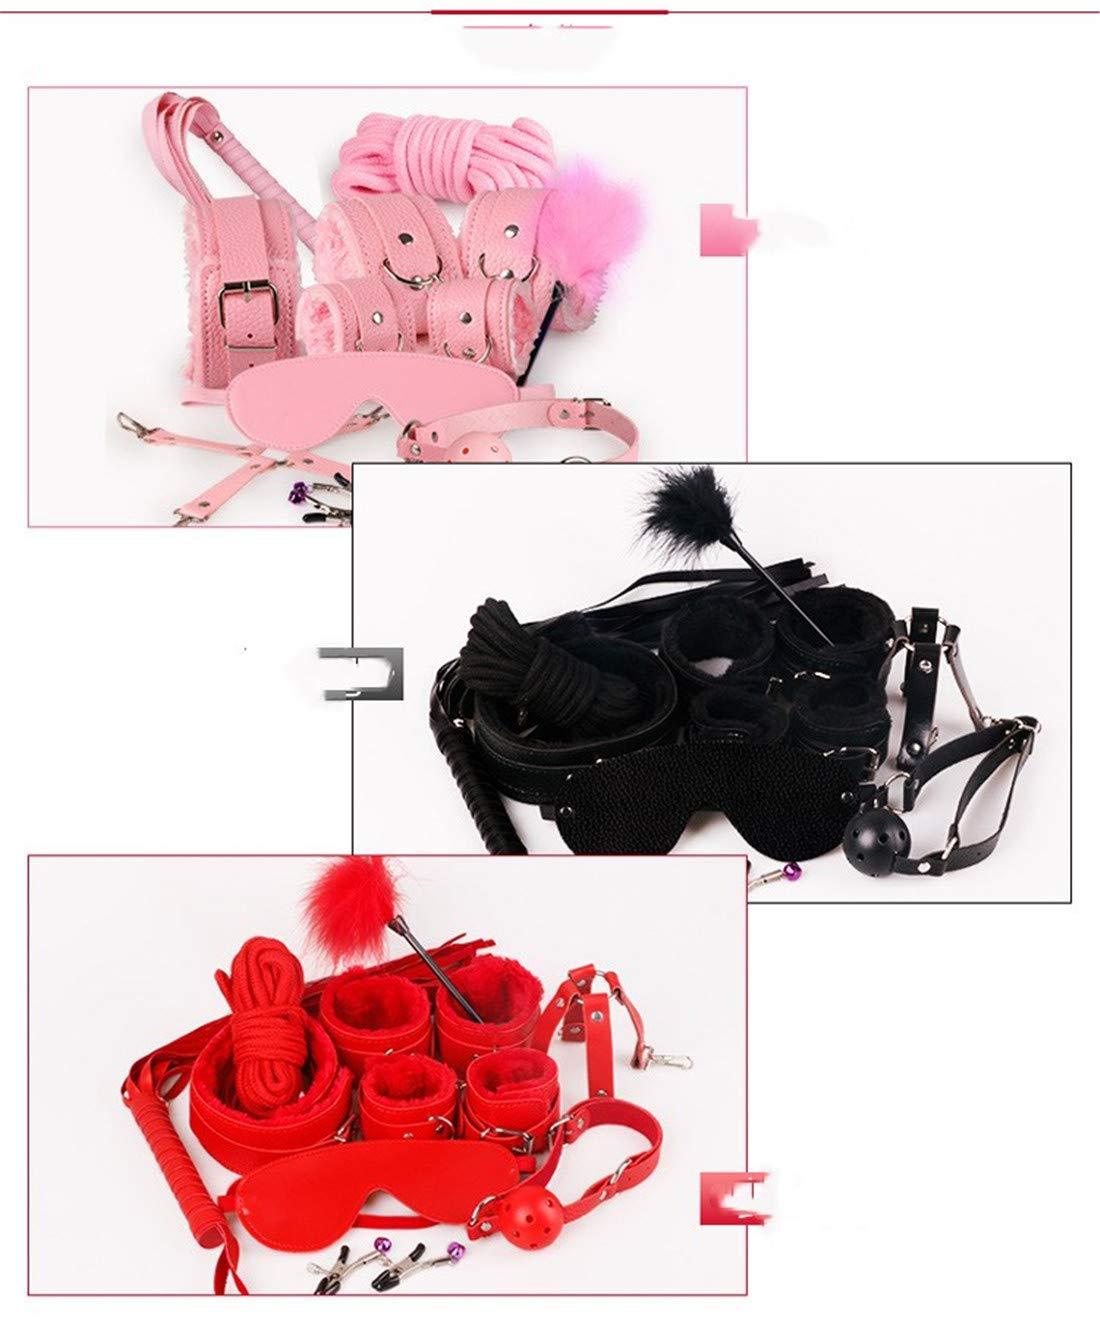 JOYIYUAN 10 Unids/Set Bondage Sex Esposas Set Lencería Sexy Esposas Sex de Cuero para Parejas (Color : Black) 811877